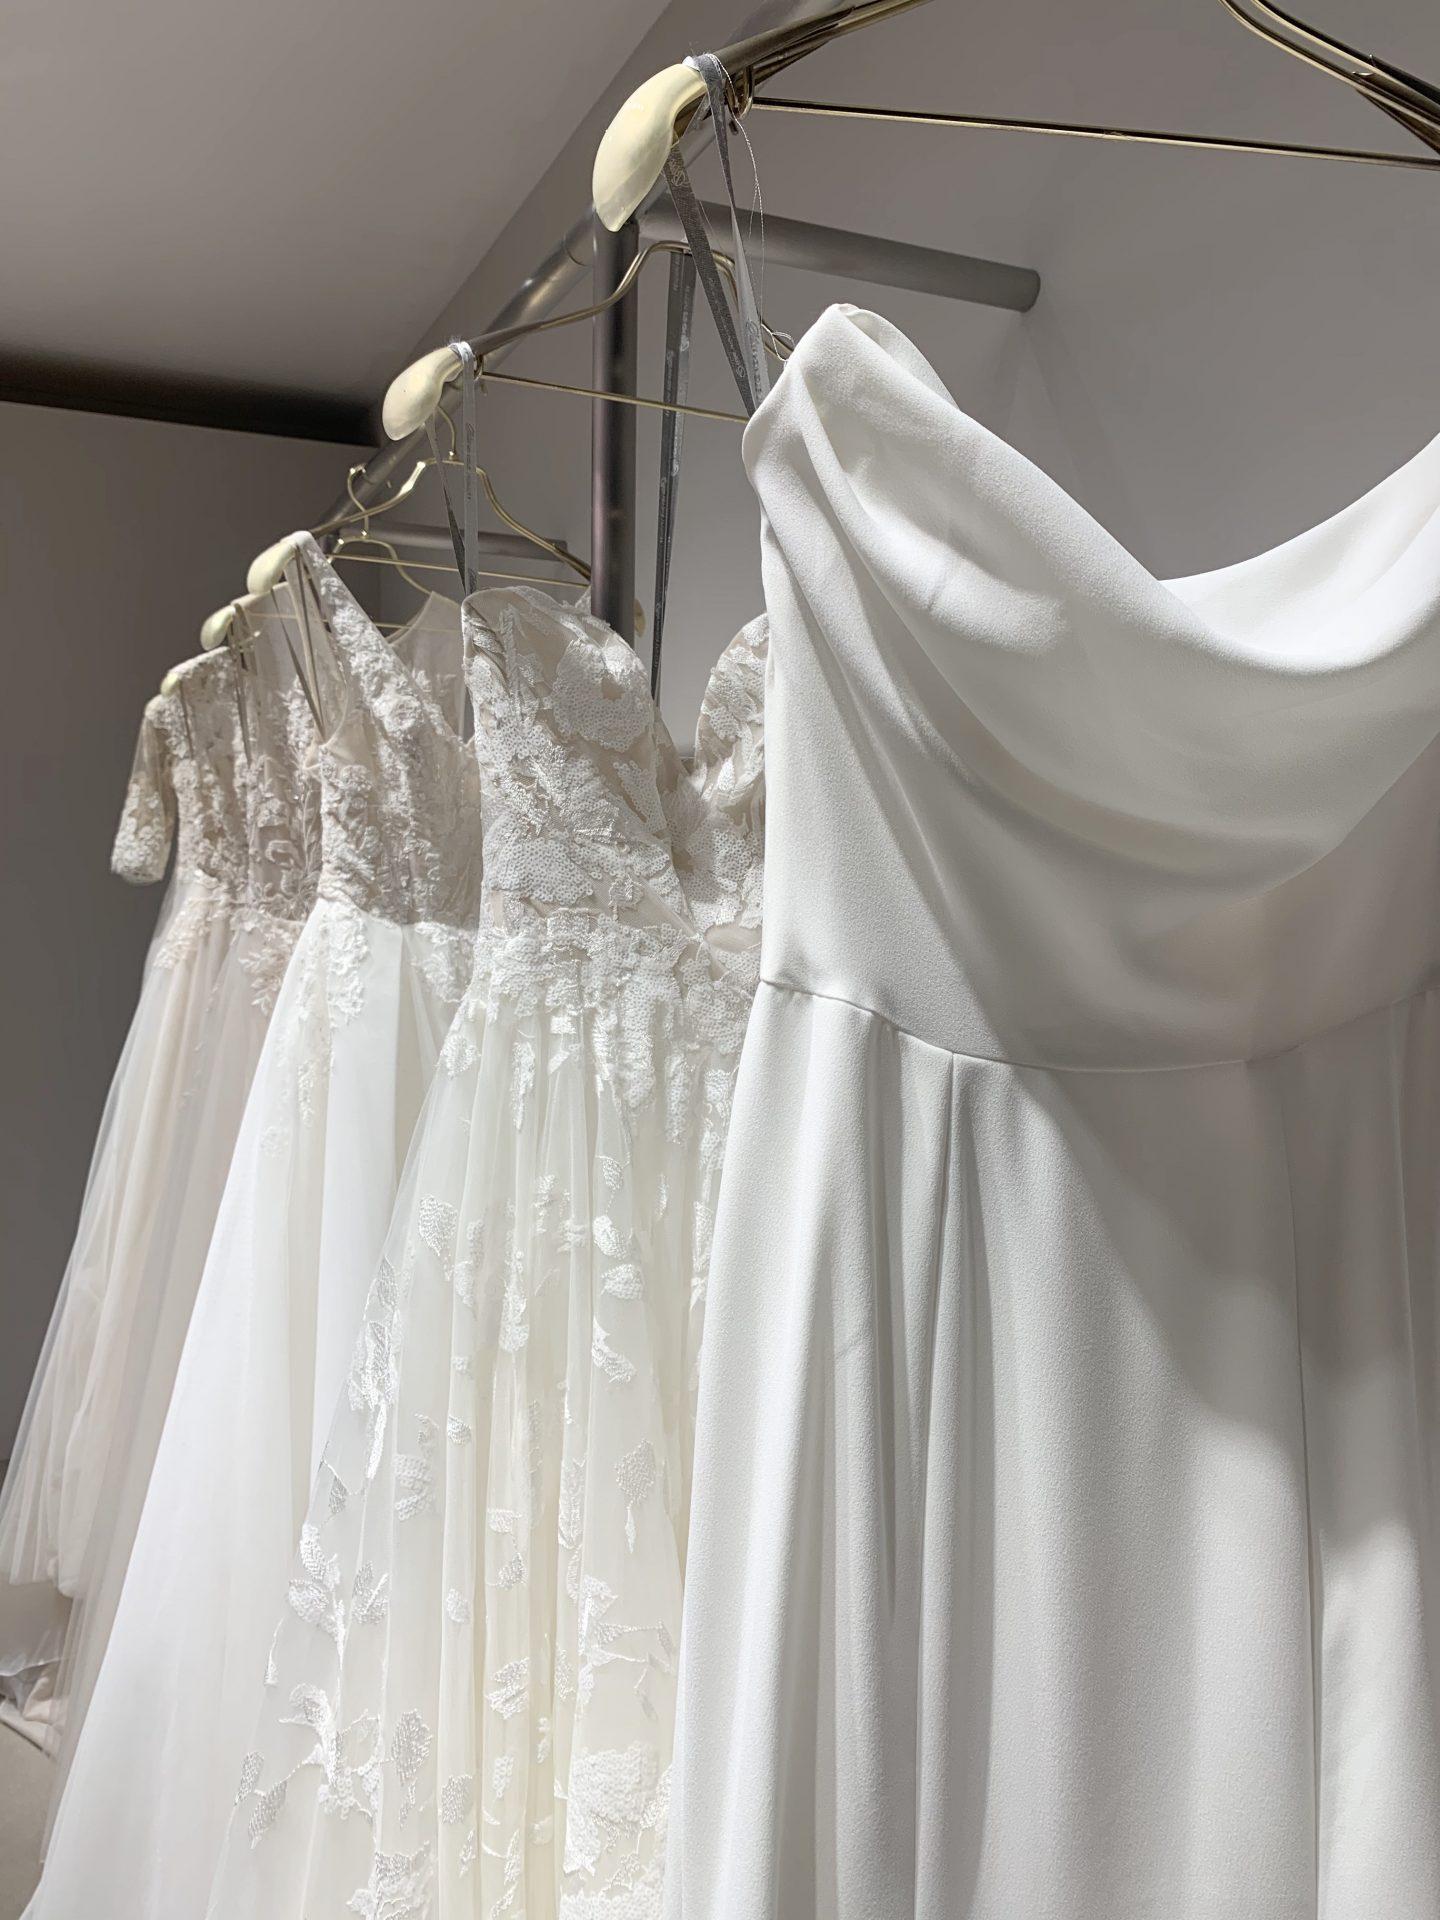 新作のBLISS Monique Lhuillier(ブリス モニーク・ルイリエ)のウェディングドレスが関西初めてのインショップに入荷いたしました